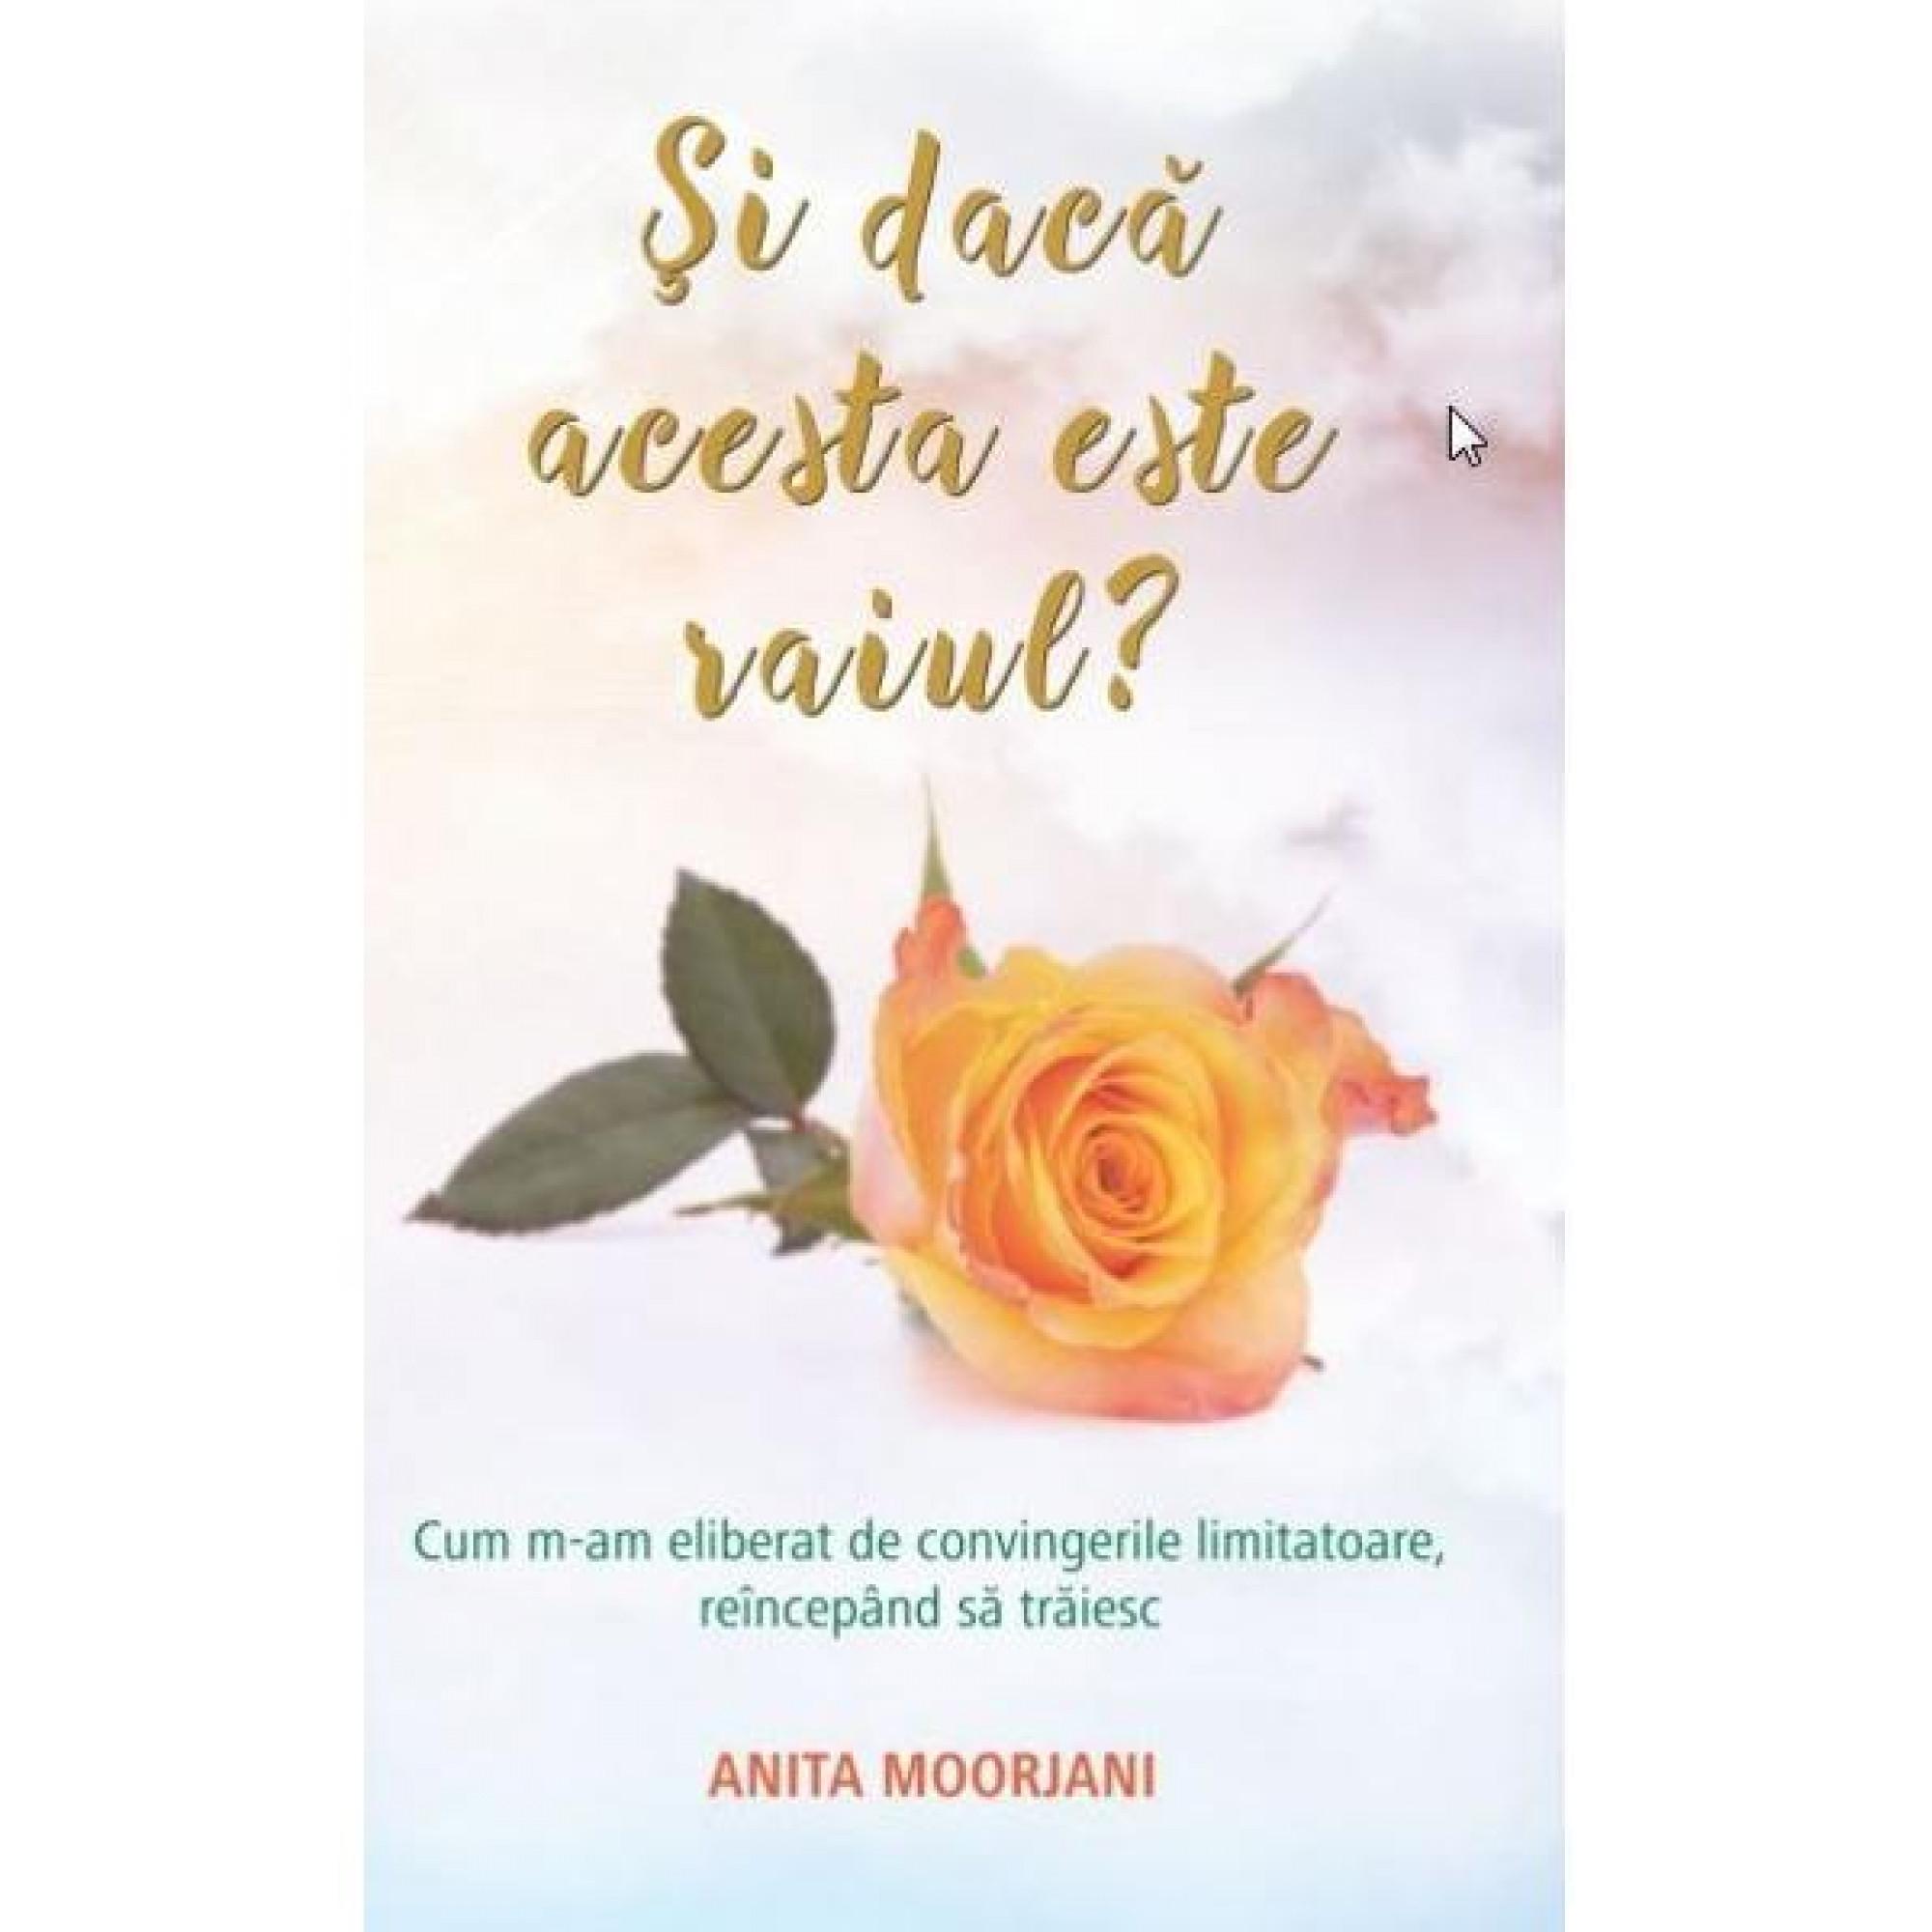 Și dacă acesta este Raiul?; Anita Moorjani